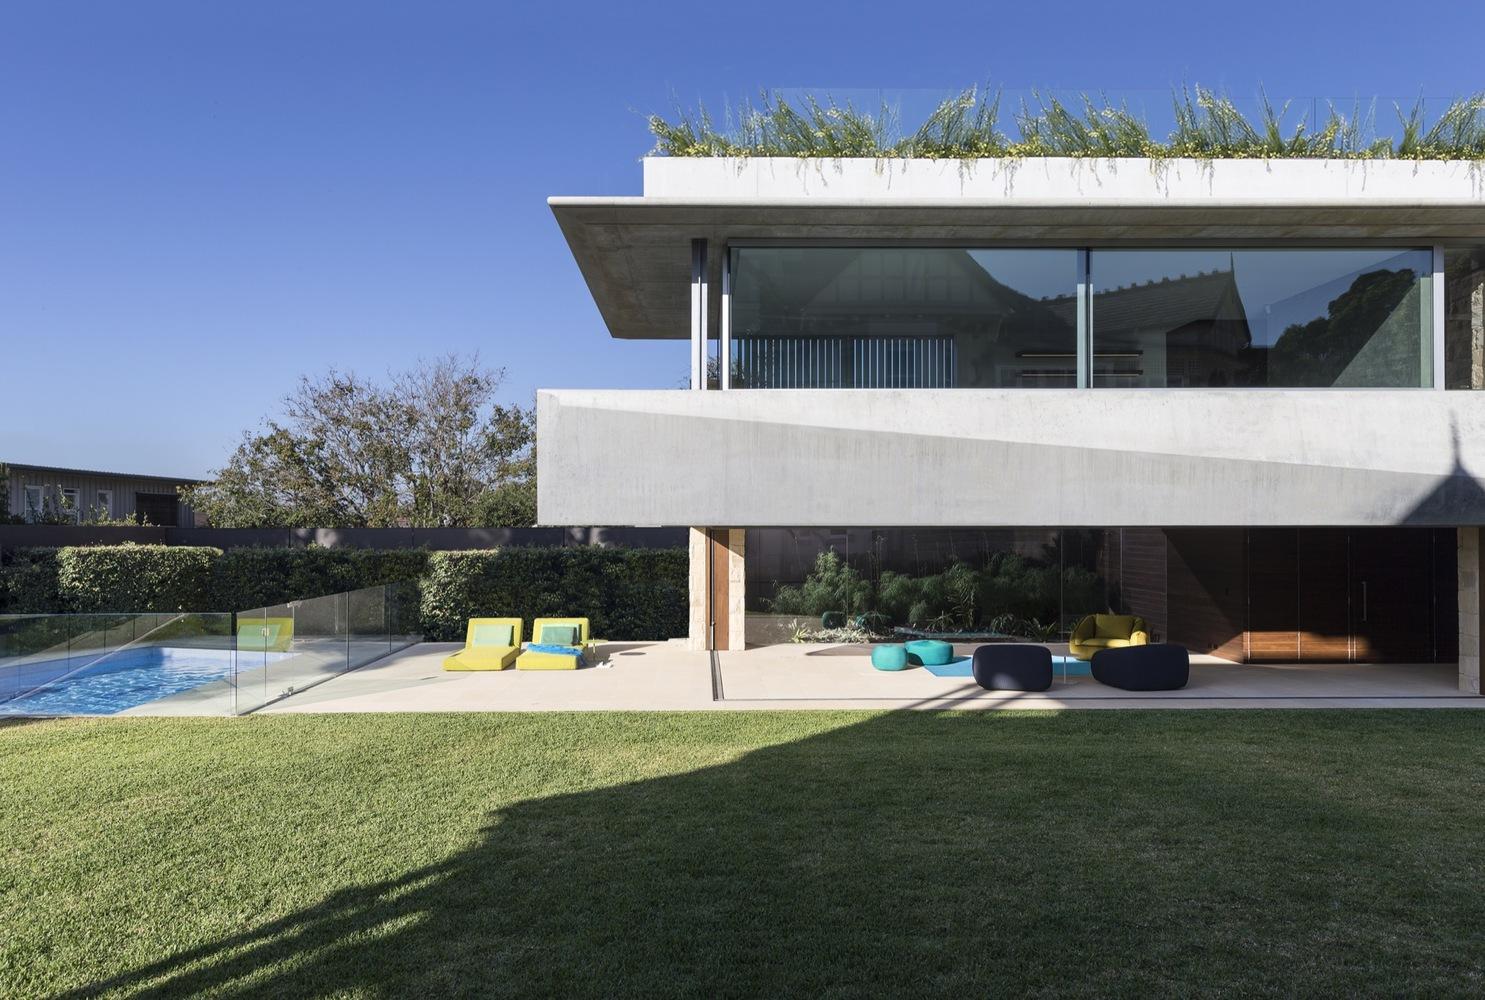 Área externa de casa luxuosa com piscina, área verde e guarda-corpo de vidro